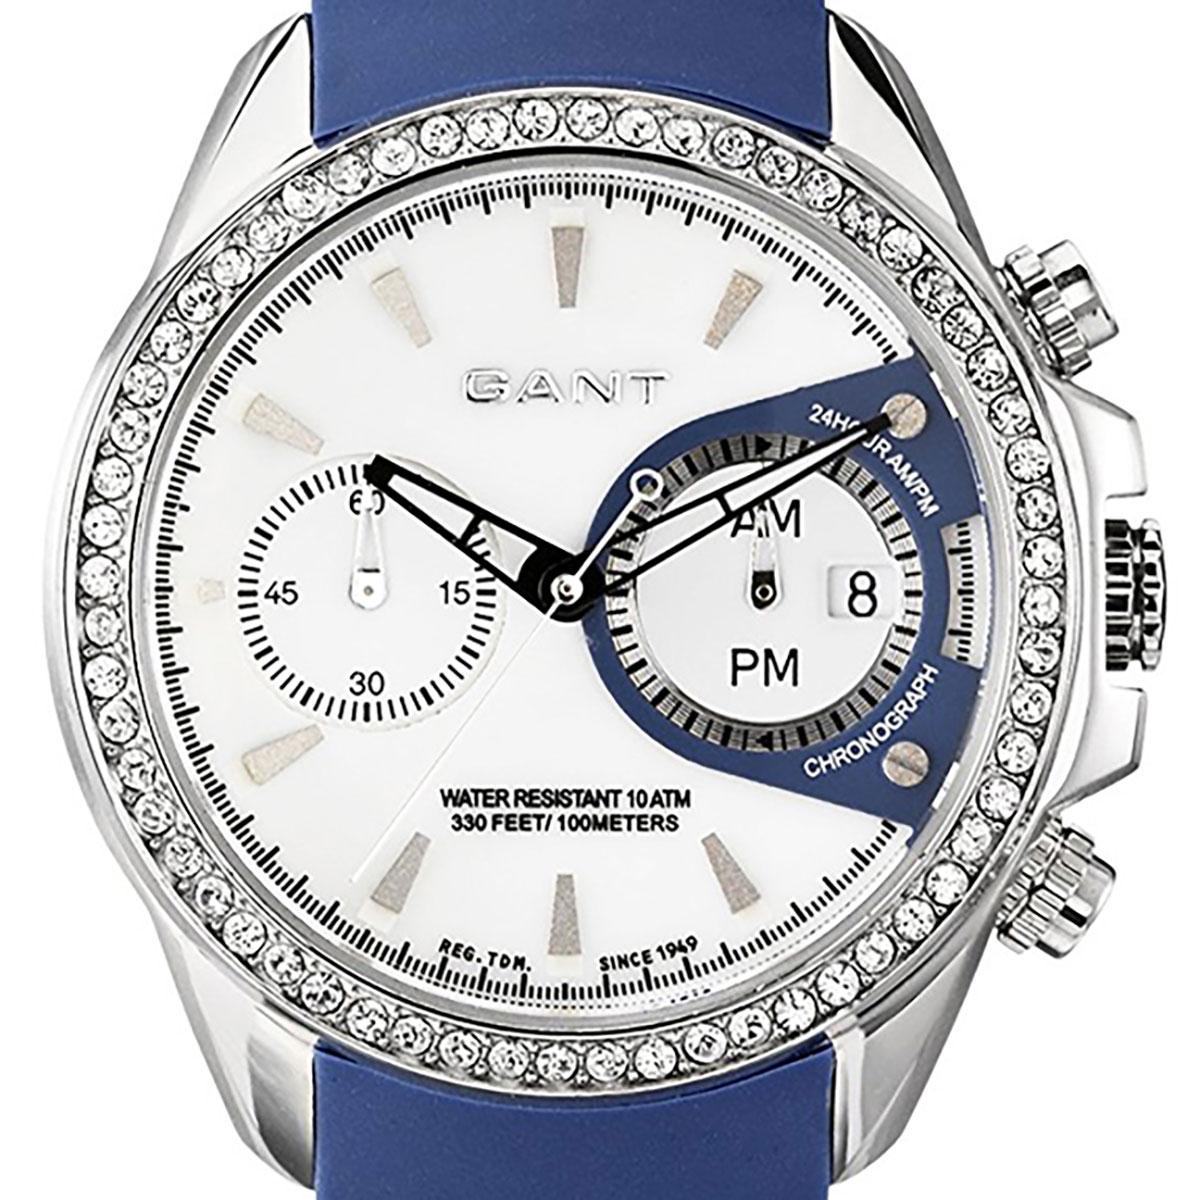 【残り1点】GANT ガント 電池式クォーツ 腕時計 [W10653] 並行輸入品 ホワイト(白)